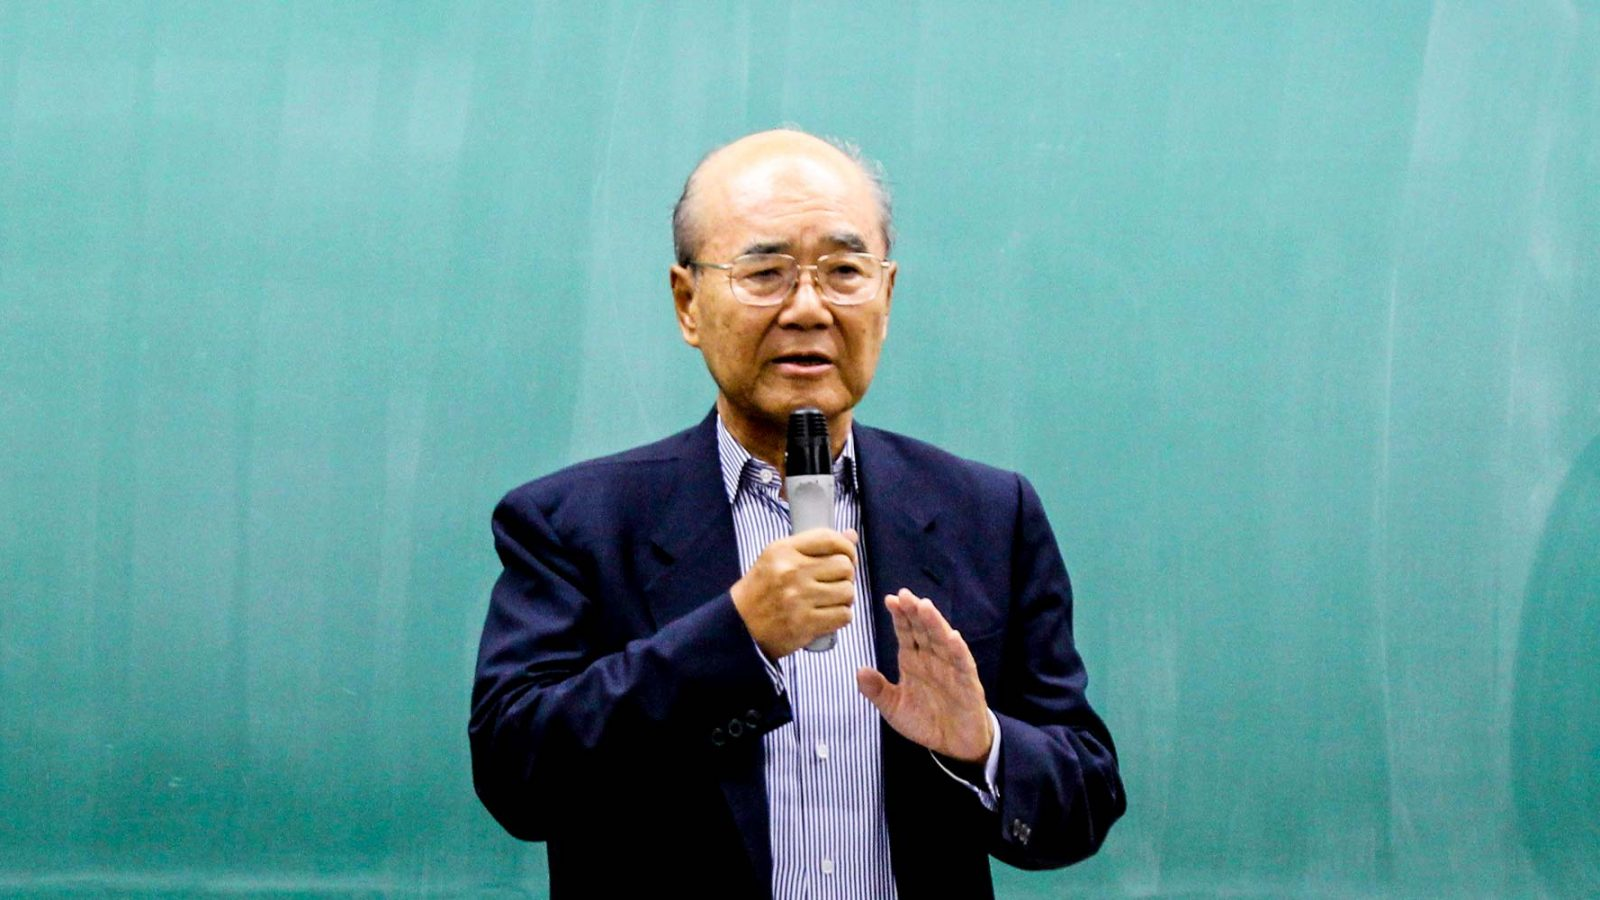 Koichiro-Matsuura-OSIPP-Visiting-Professor